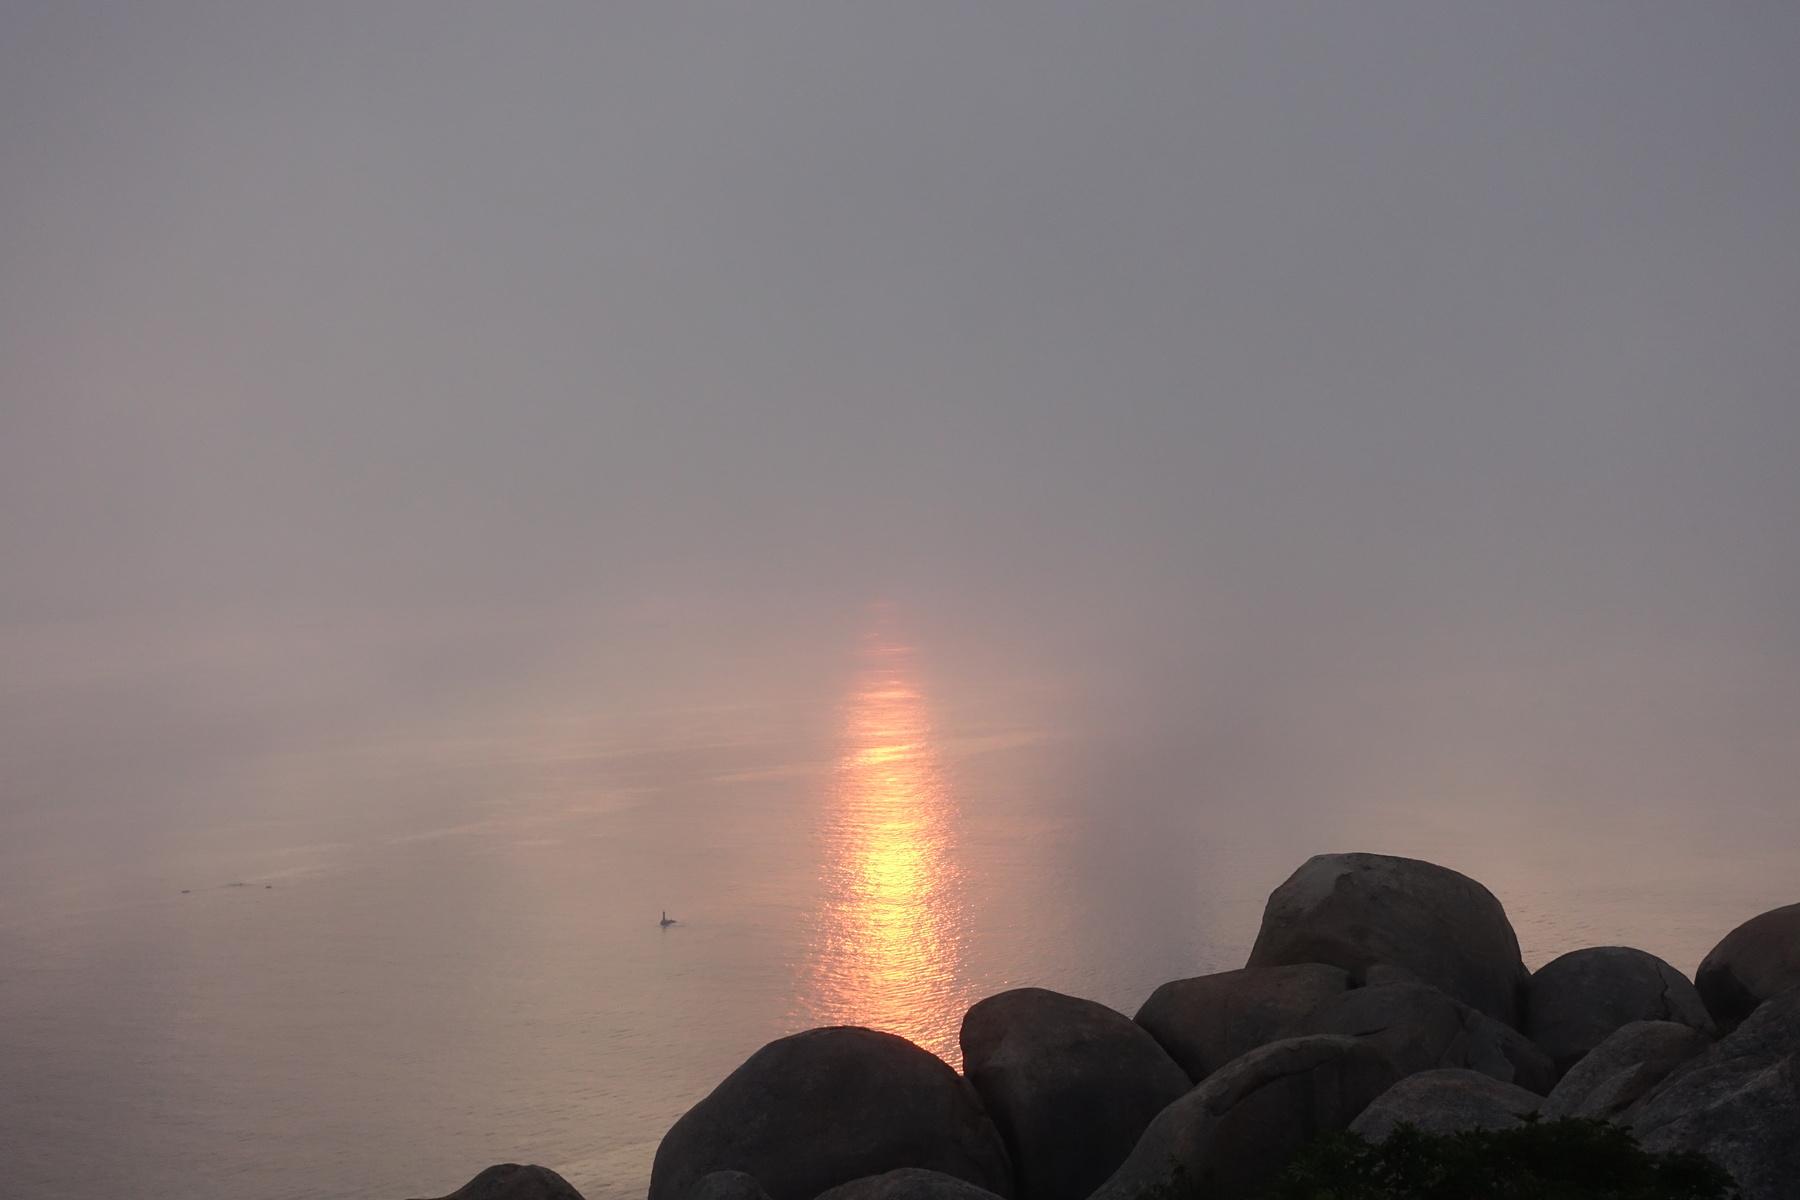 外伶仃岛 看不见的日出